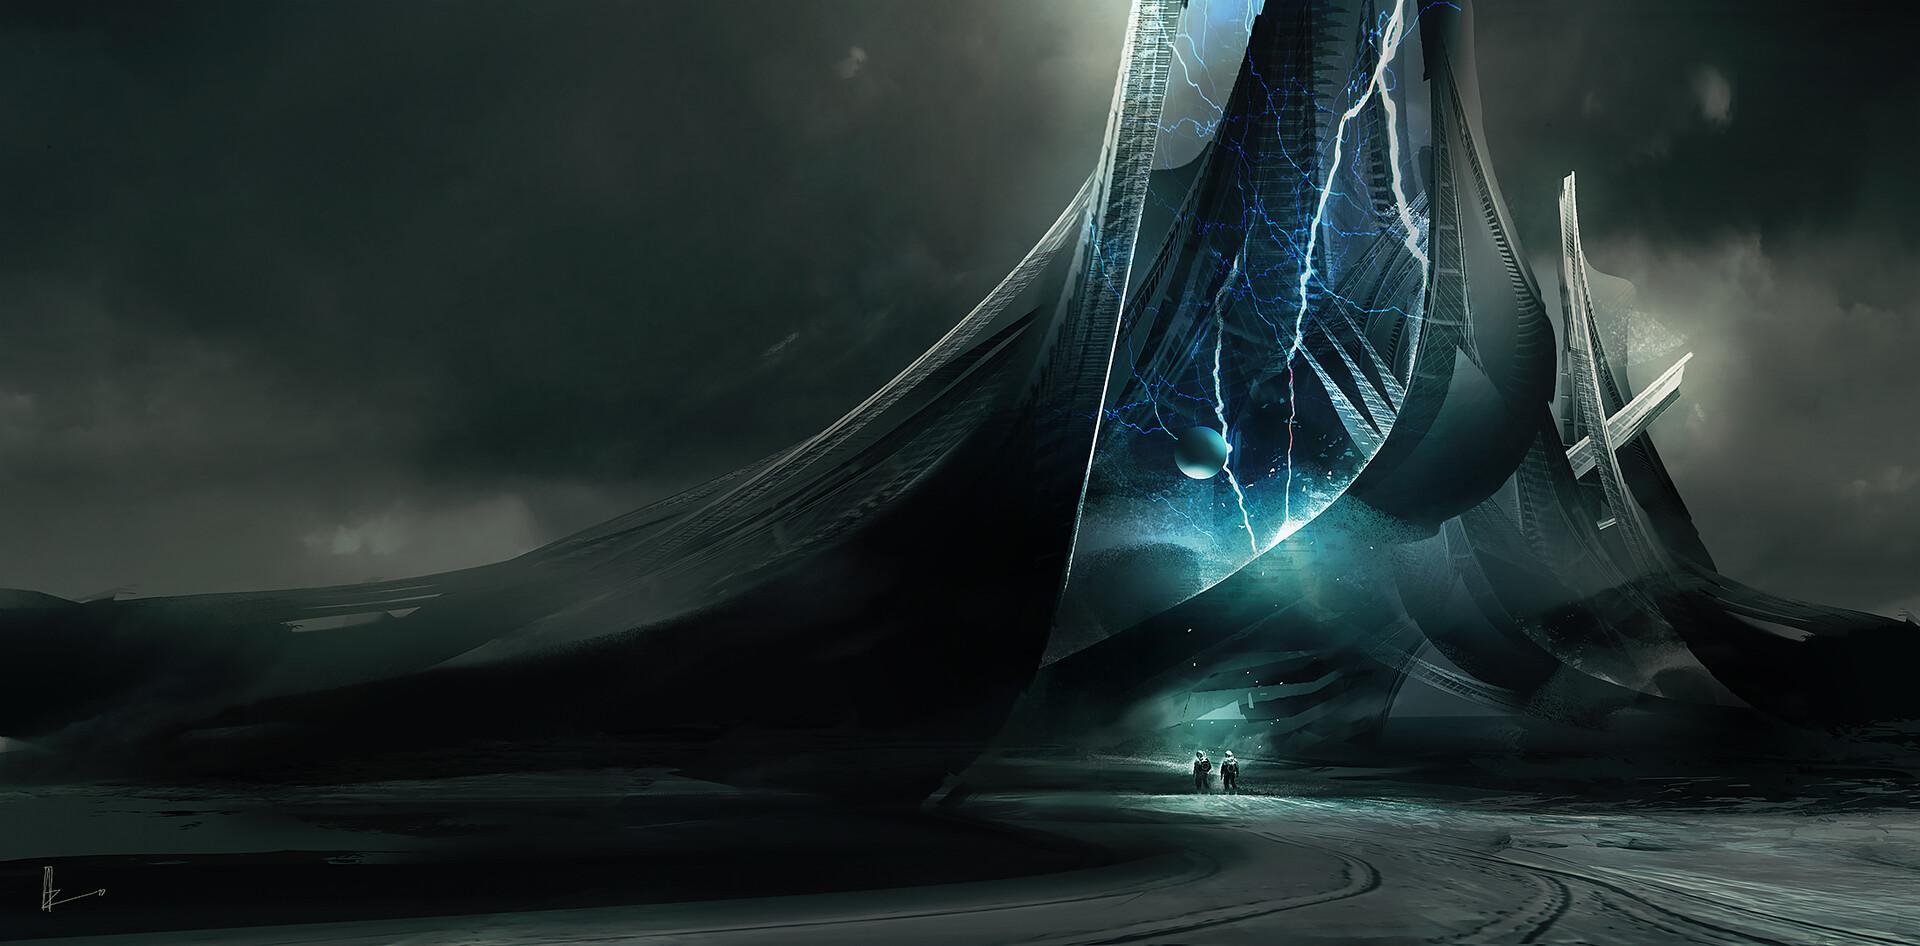 Amir zand alien structure